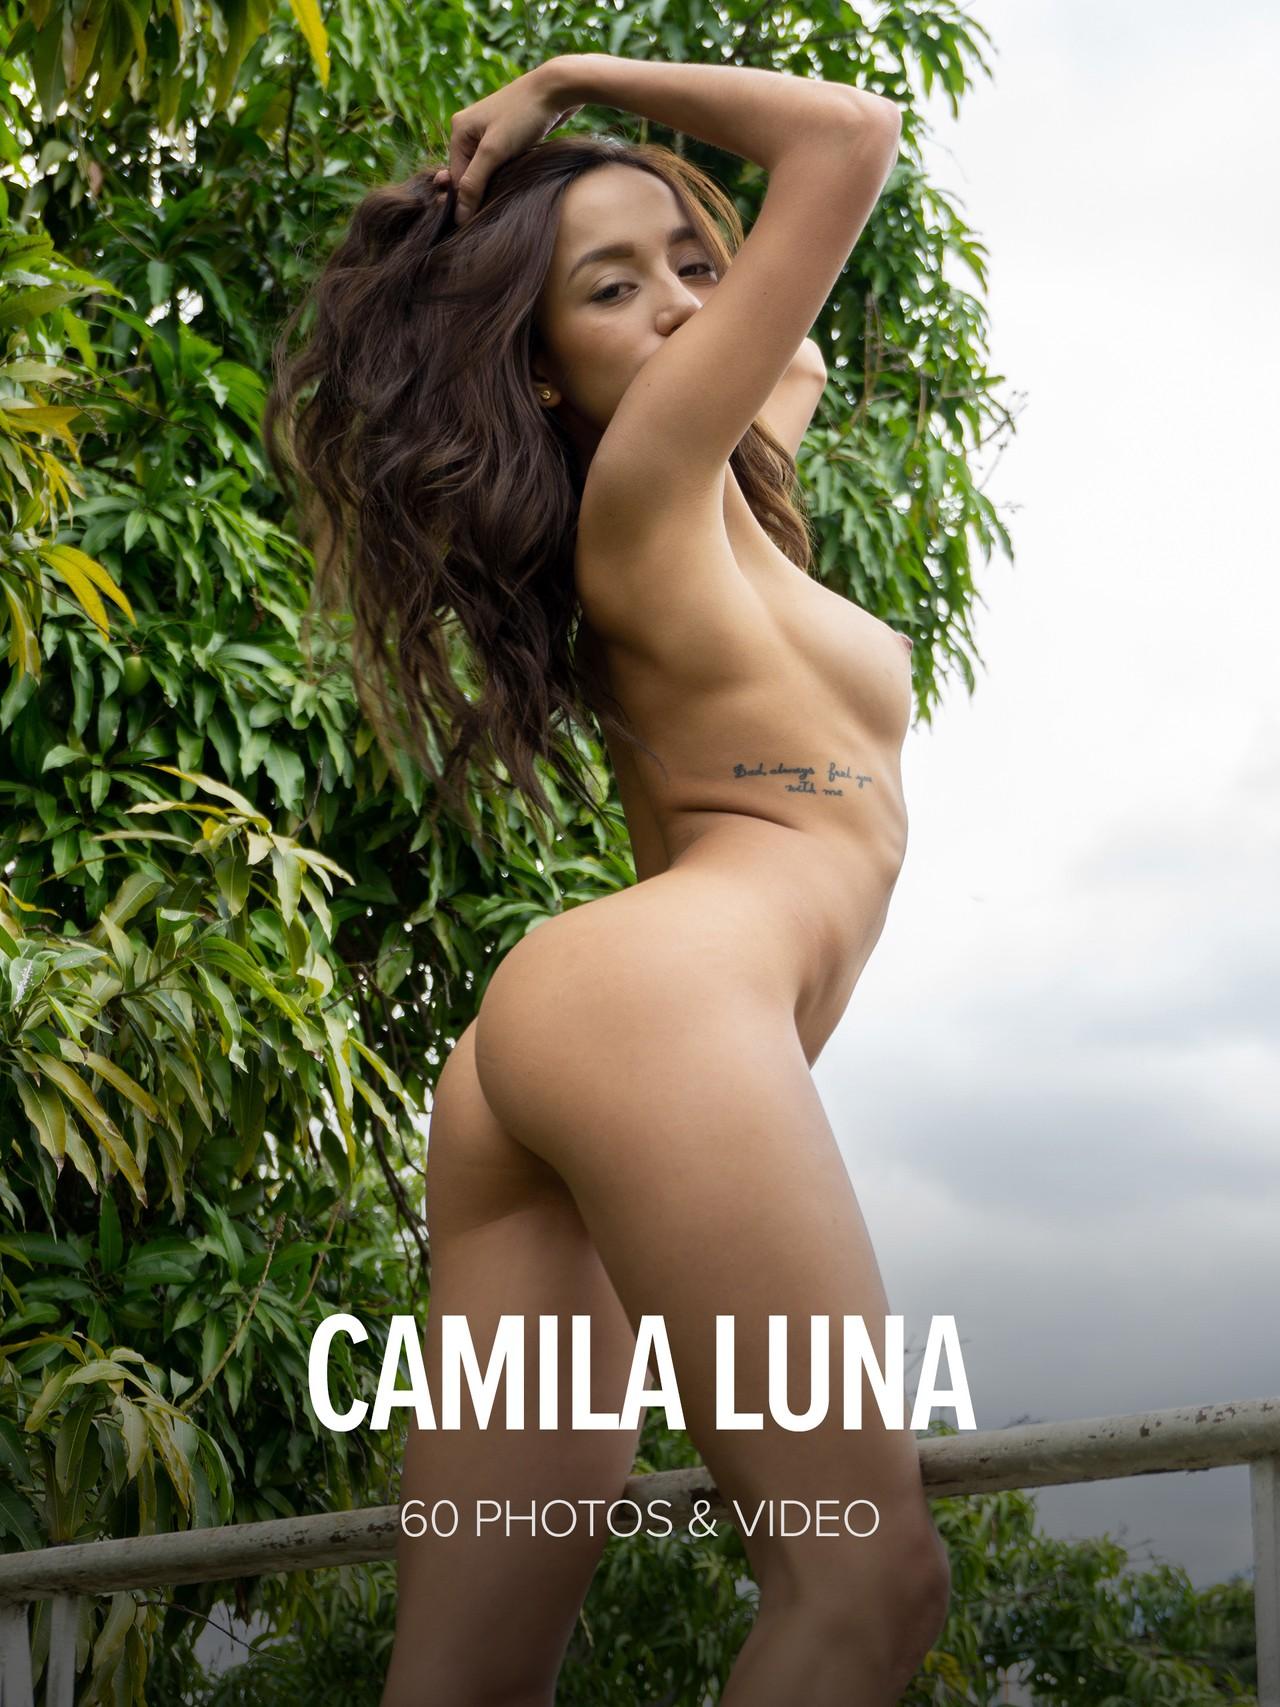 Camila Luna: Camila Luna